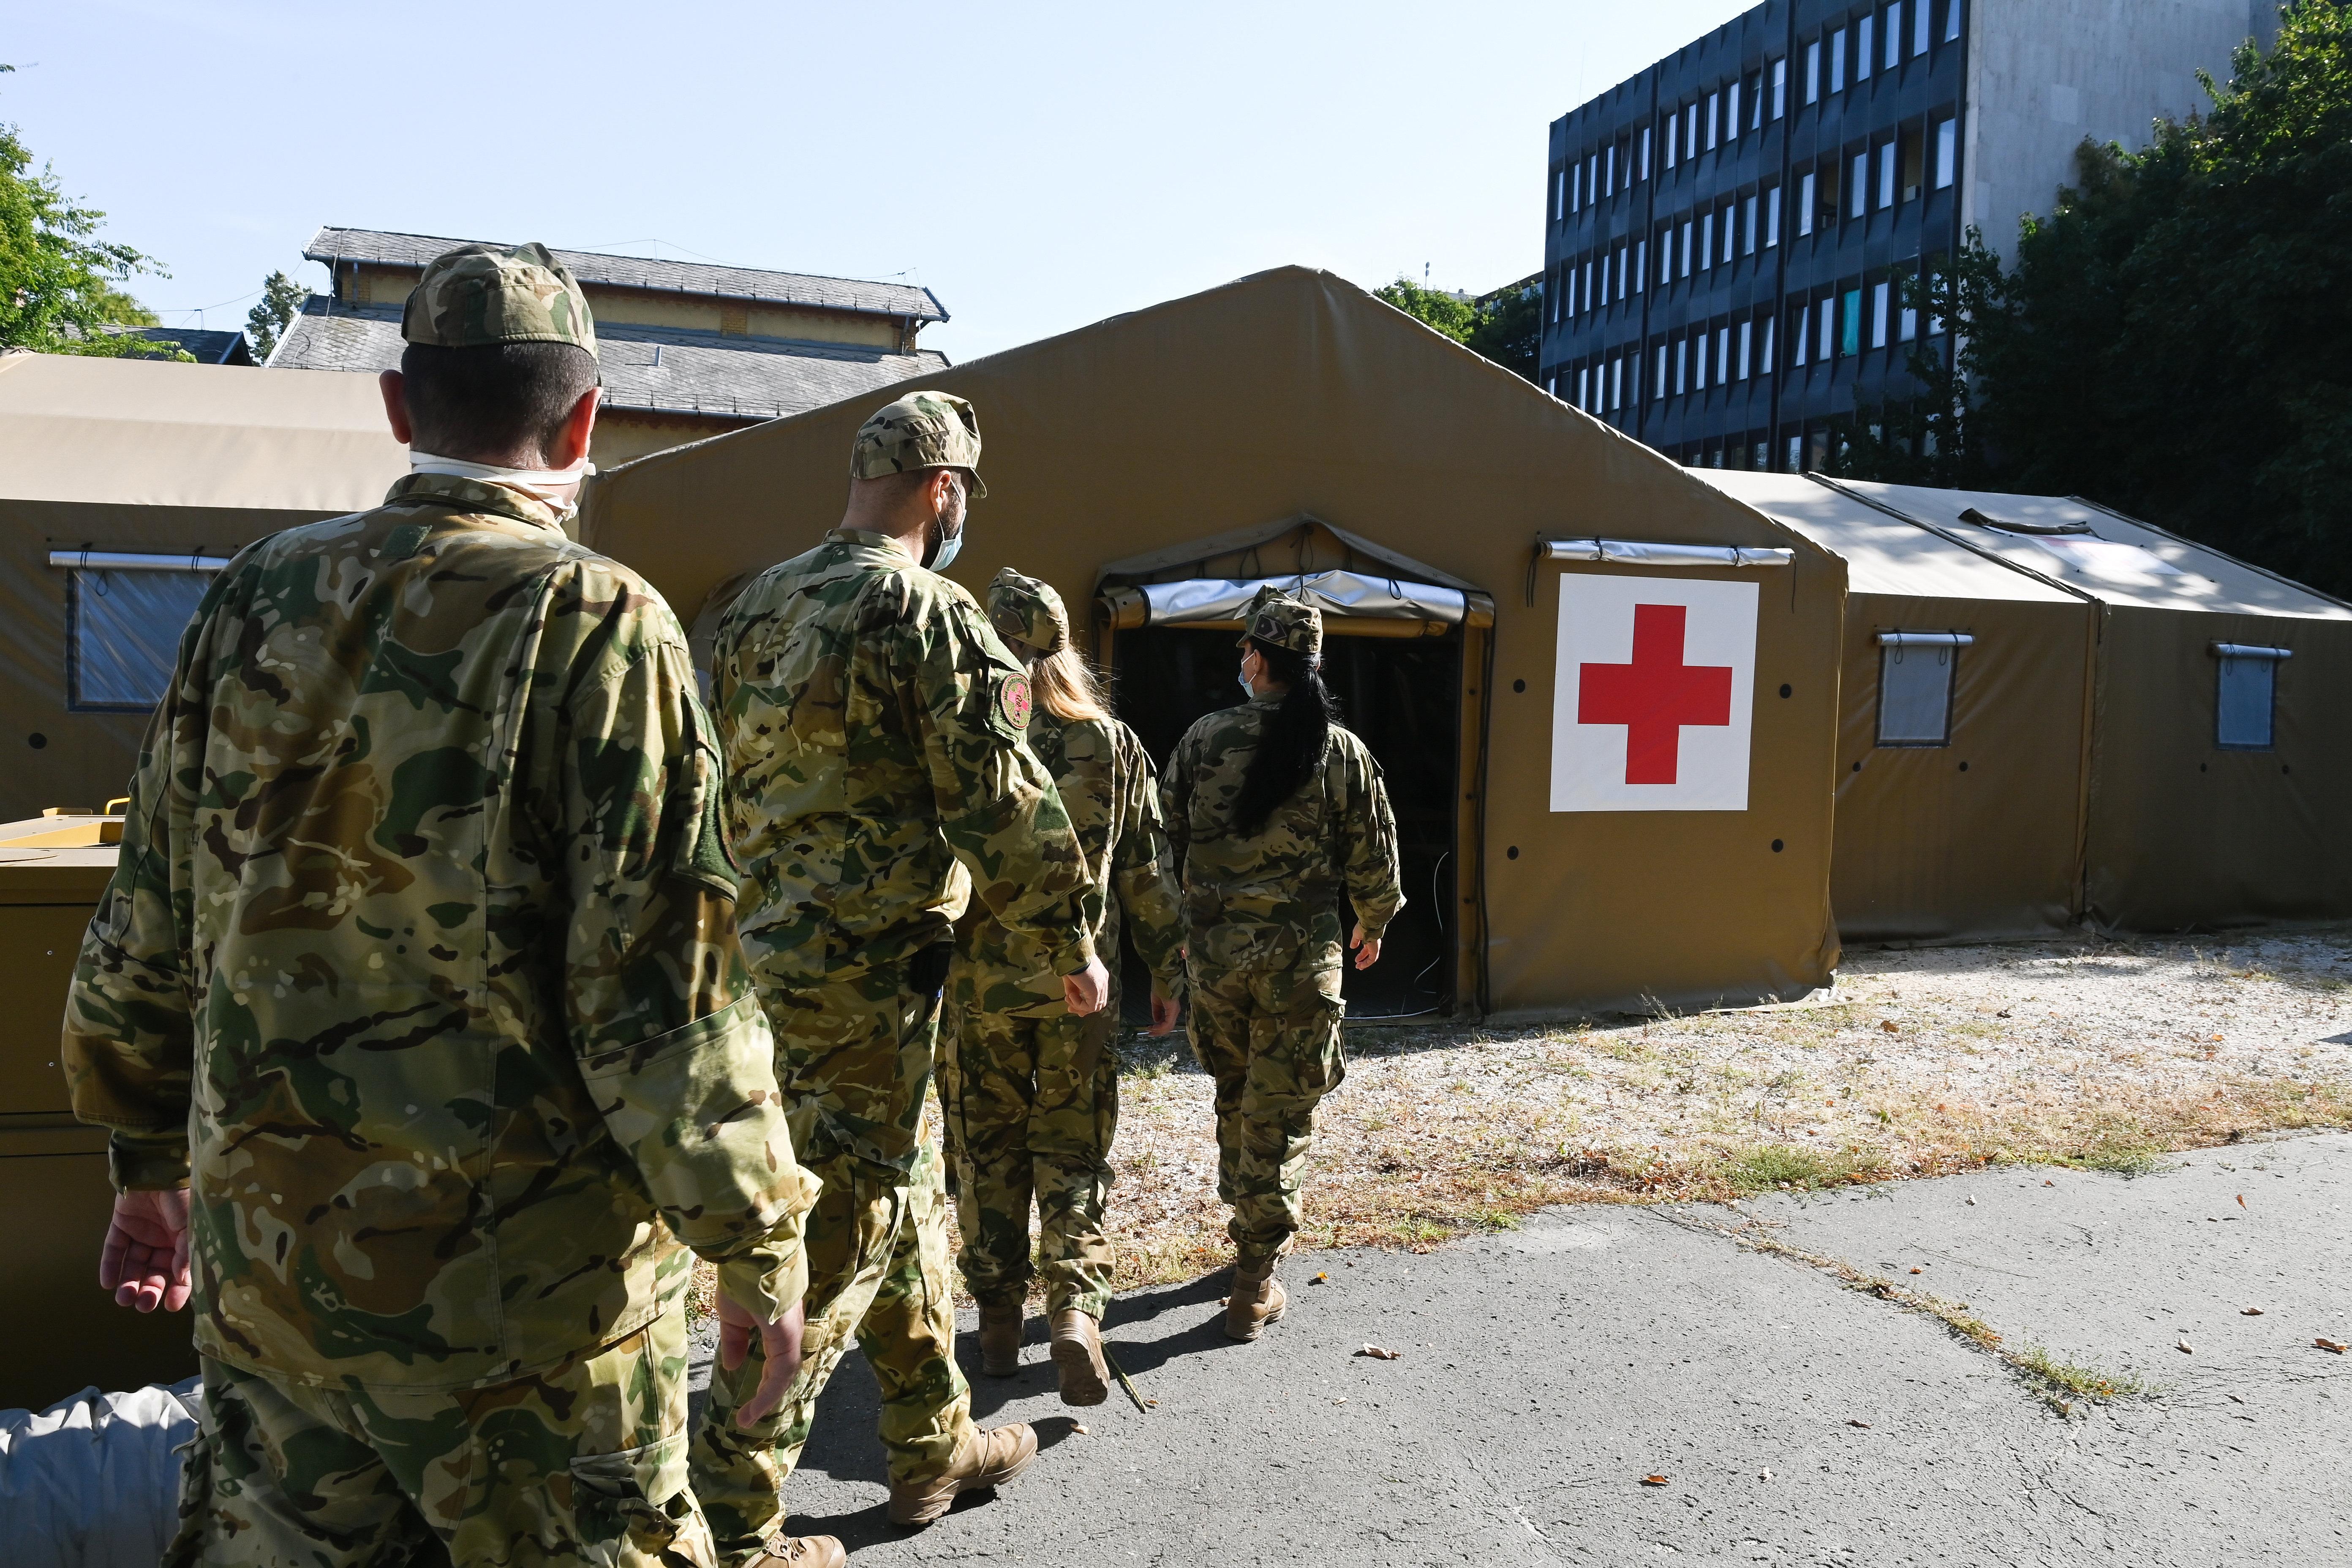 Újból üzembe helyezik a katonai szűrősátrakat a Dél-Pesti Centrumkórház udvarán